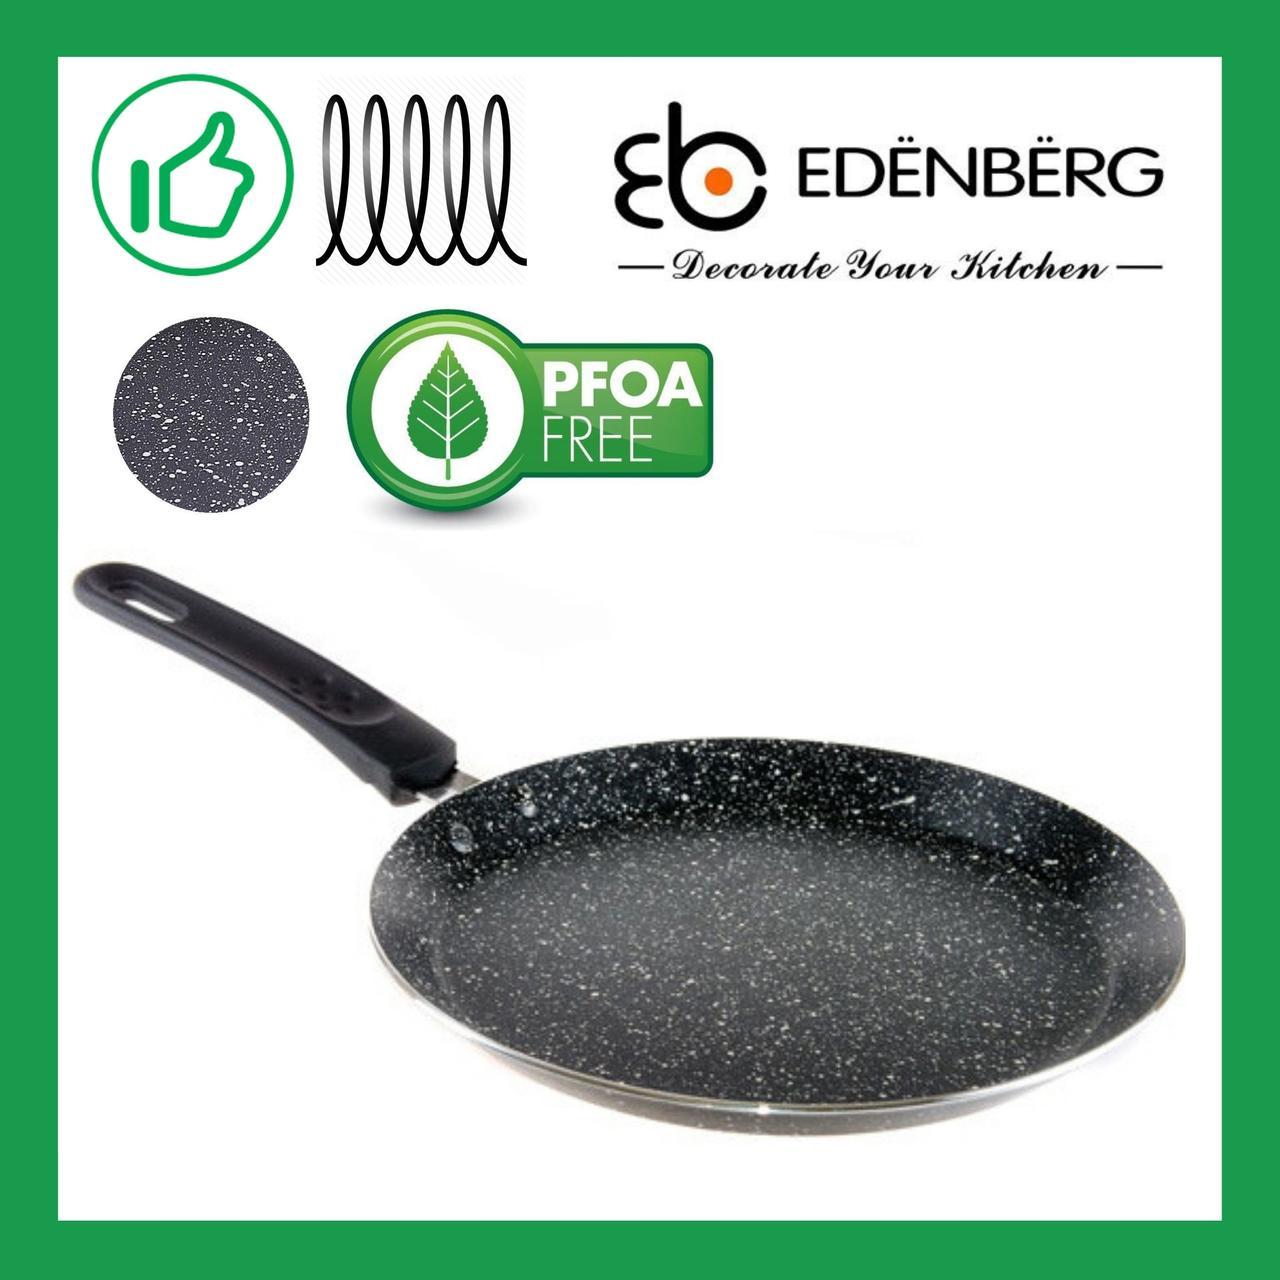 Cковорода для блинов Edenberg с мраморным антипригарным покрытием 24 см (EB-3396)